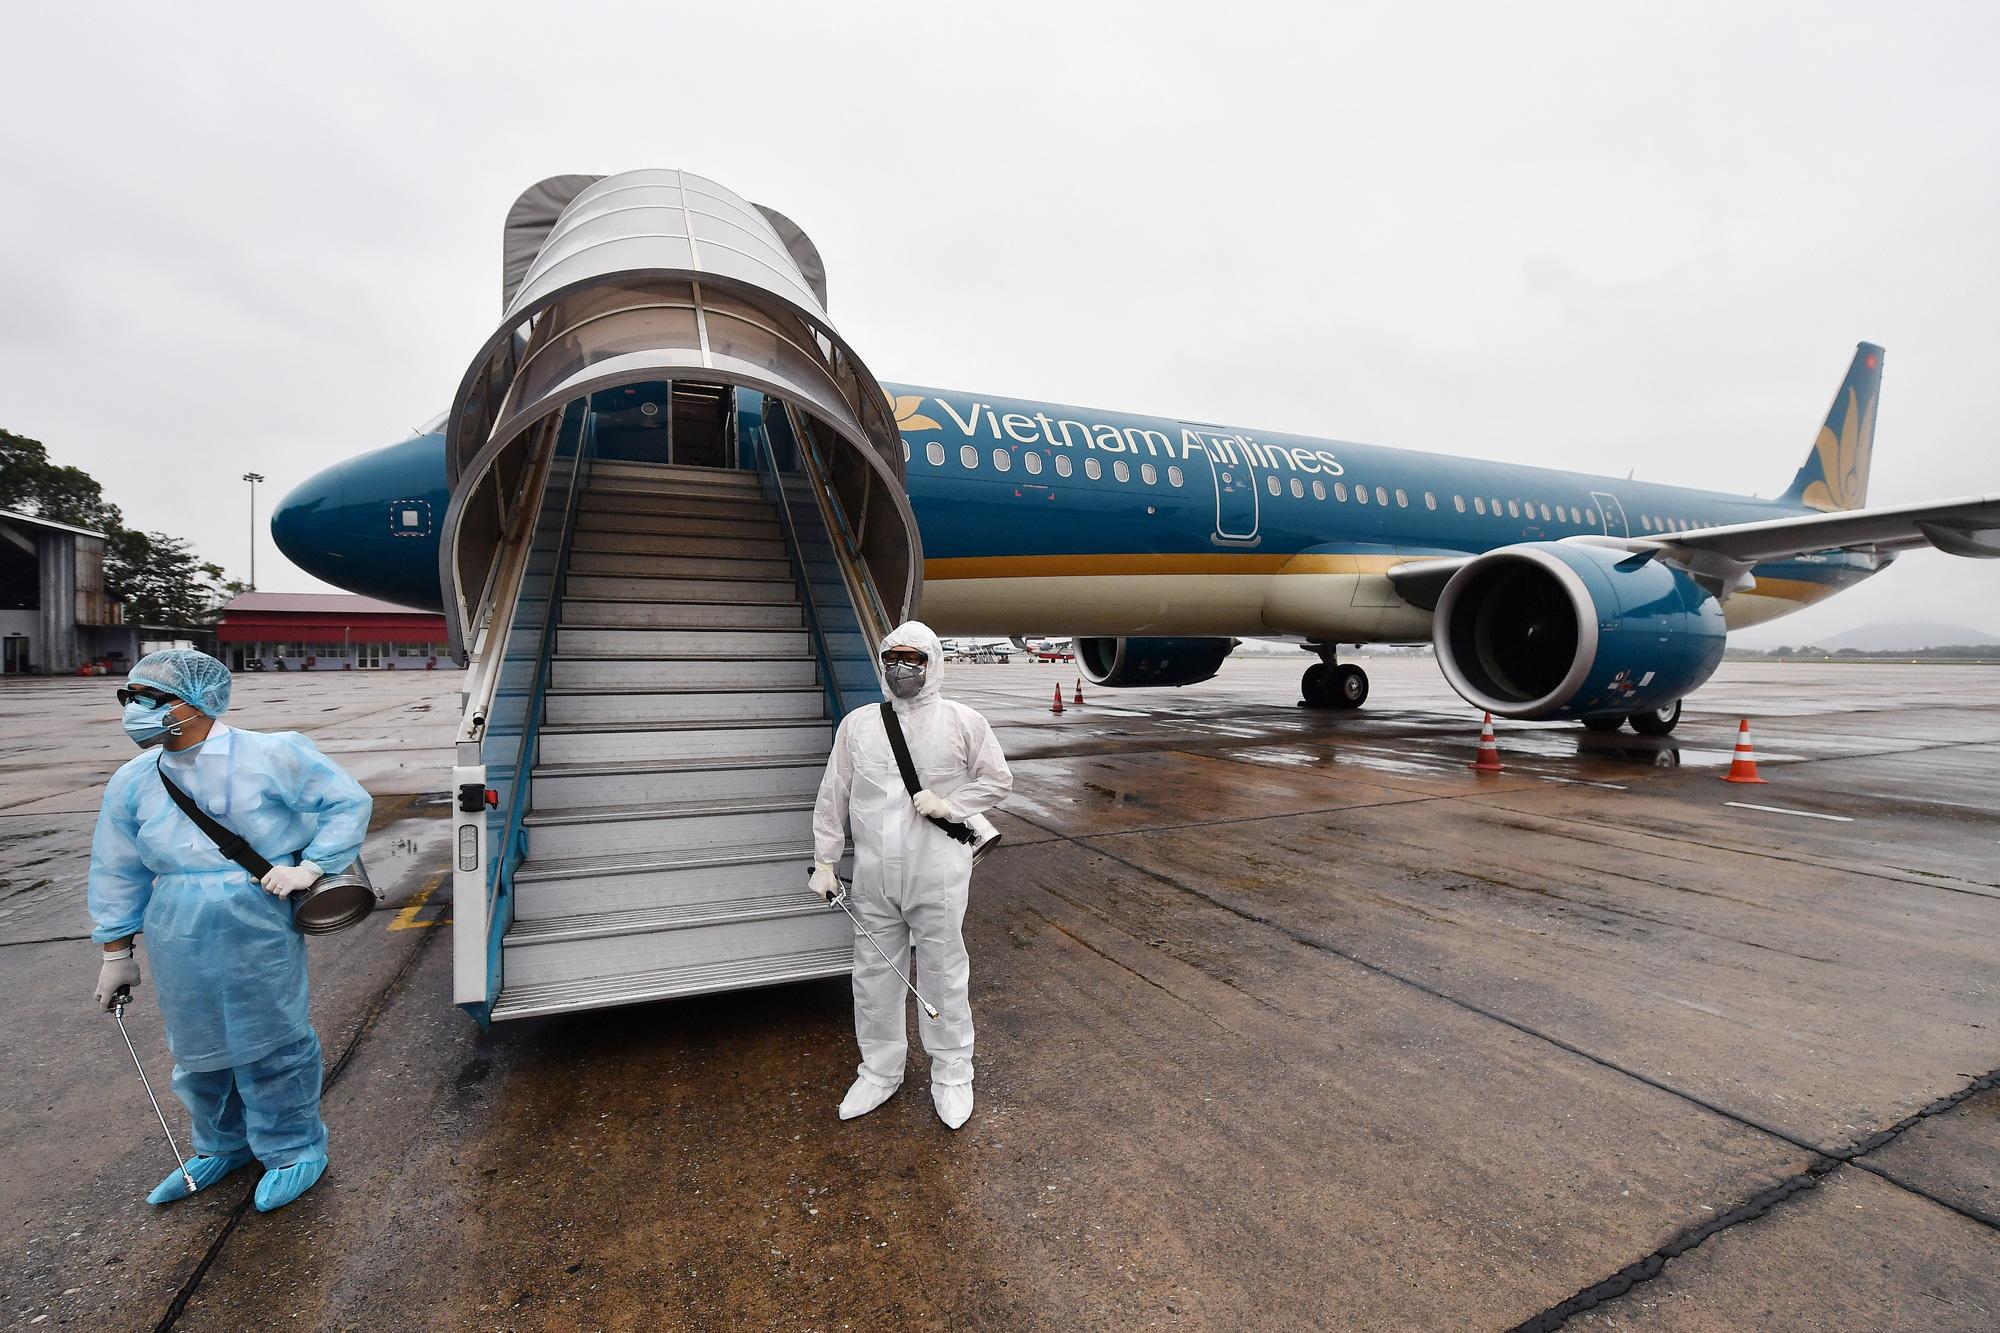 [Ảnh+Clip] Vietnam Airlines khử trùng máy bay phòng dịch virus corona - Ảnh 4.